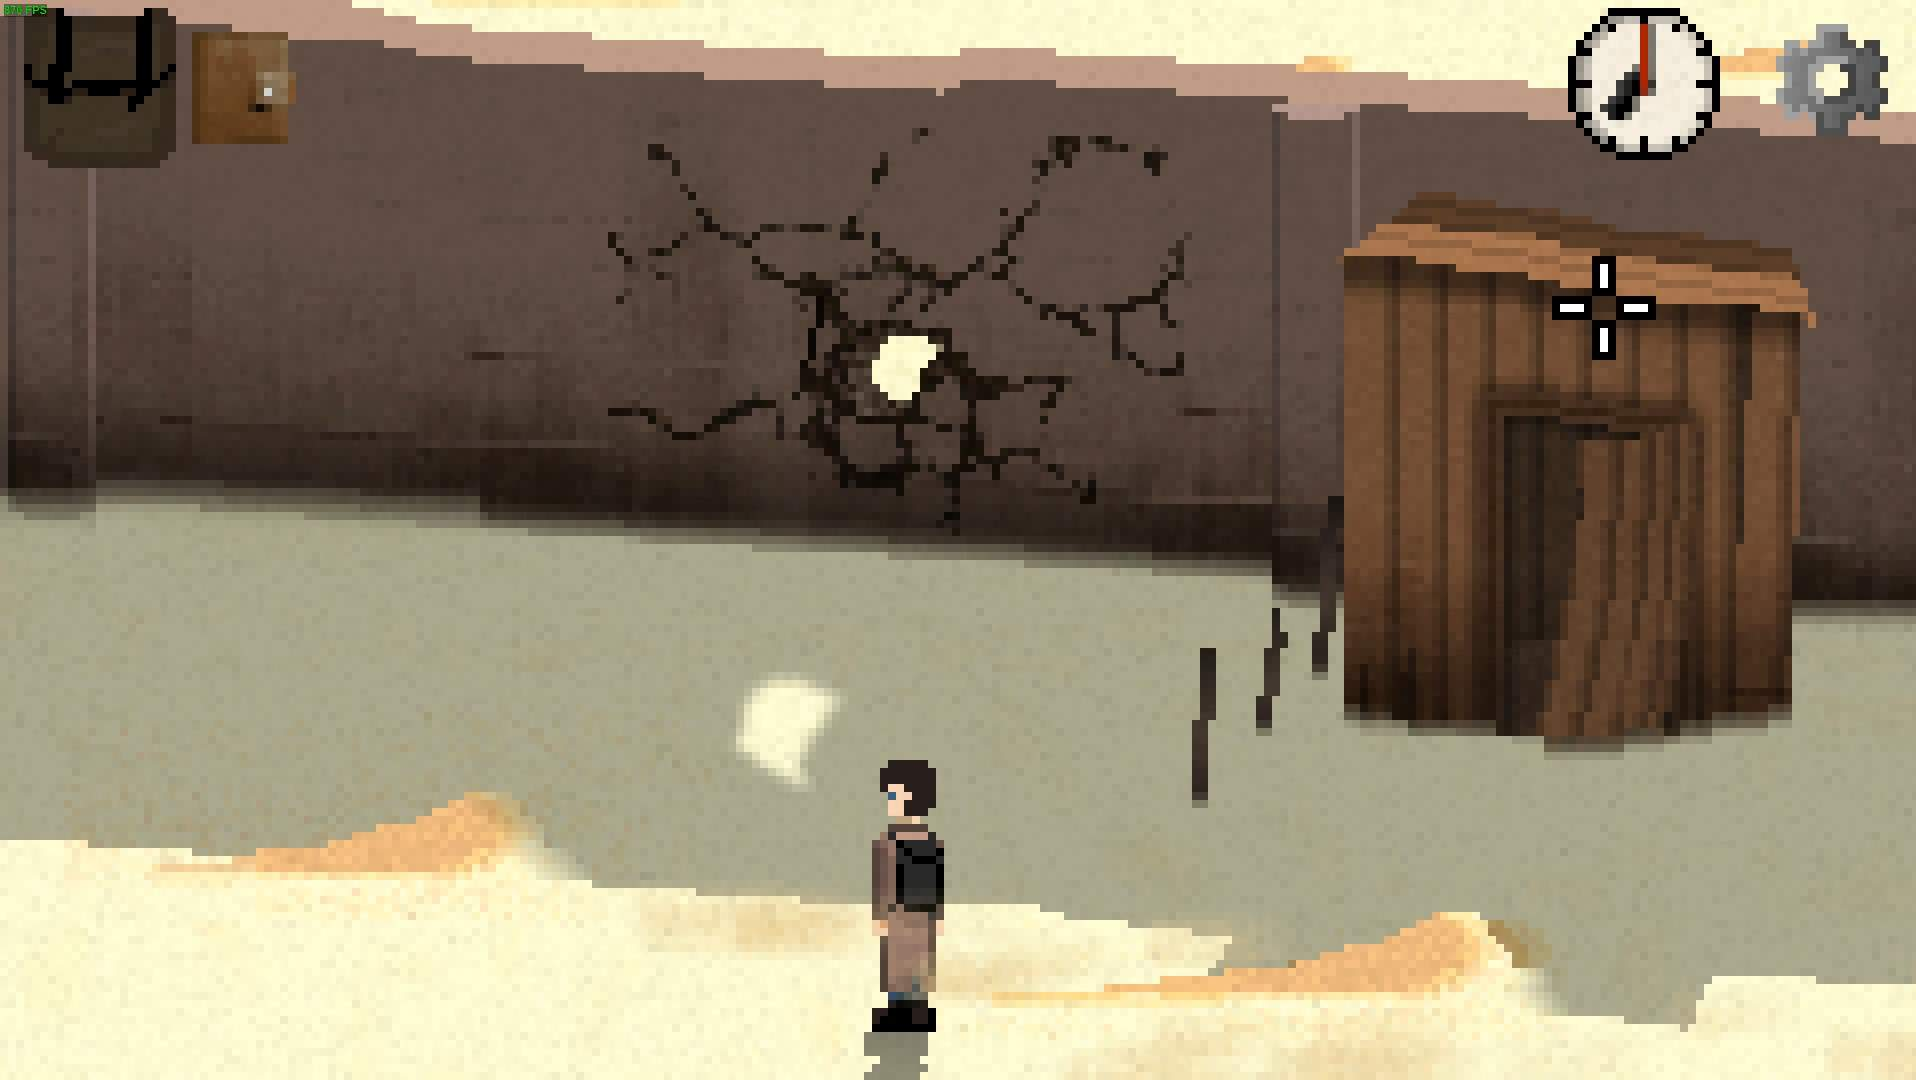 Don't Escape: 4 Days in a Wasteland - Full Walkthrough (True